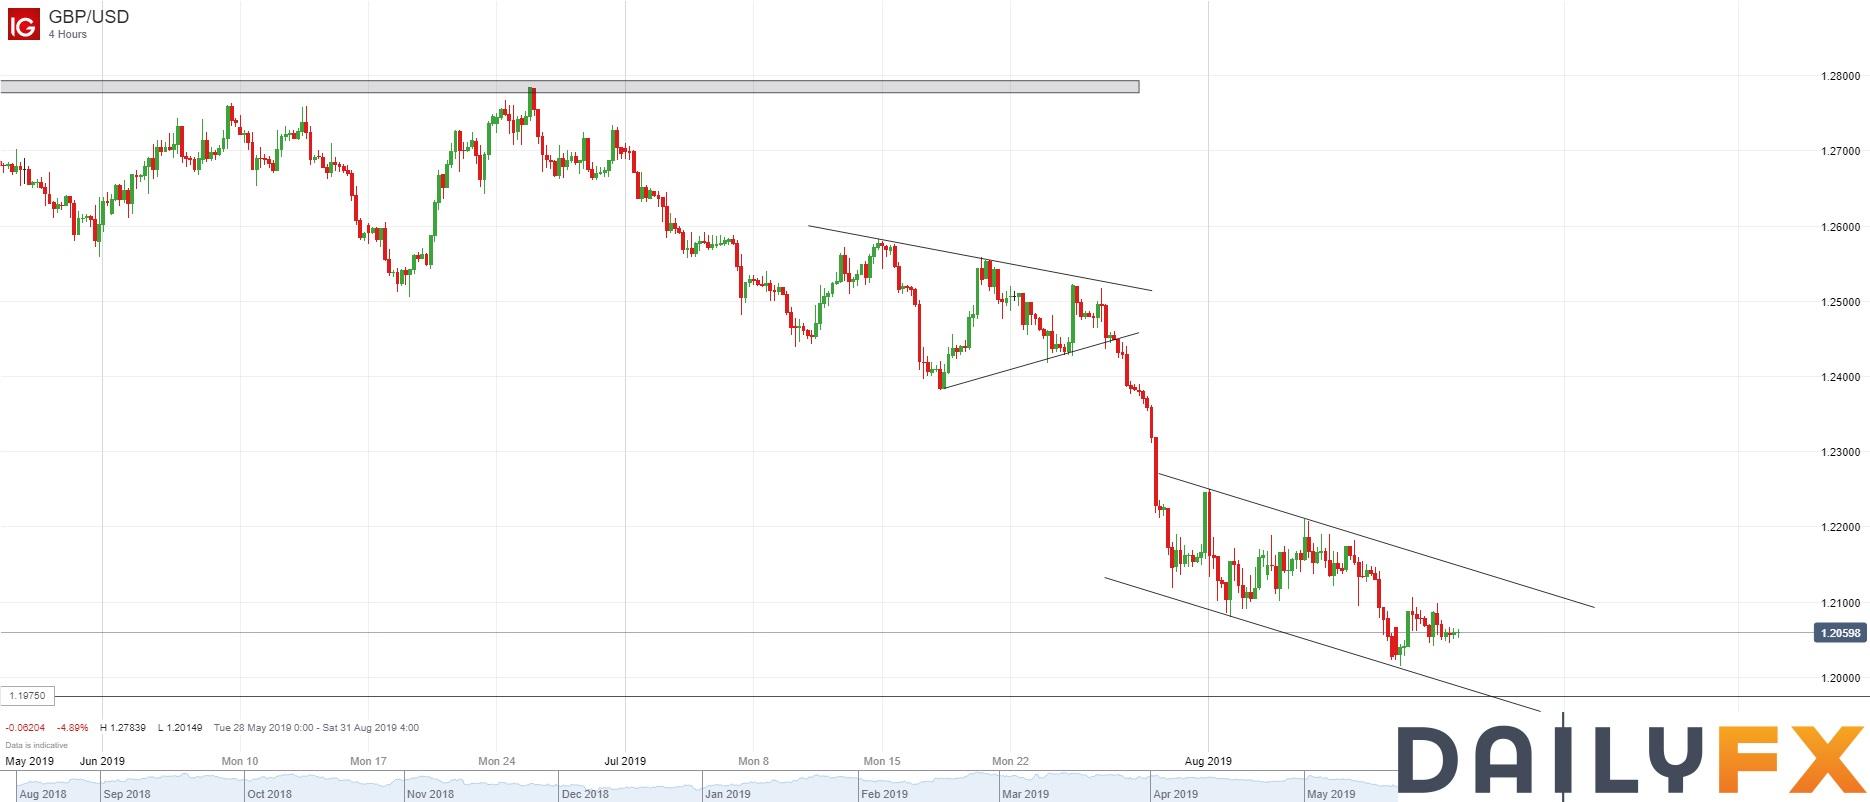 英镑/美元技术分析:小时图弱势整理,再次受阻于1.2100整数关